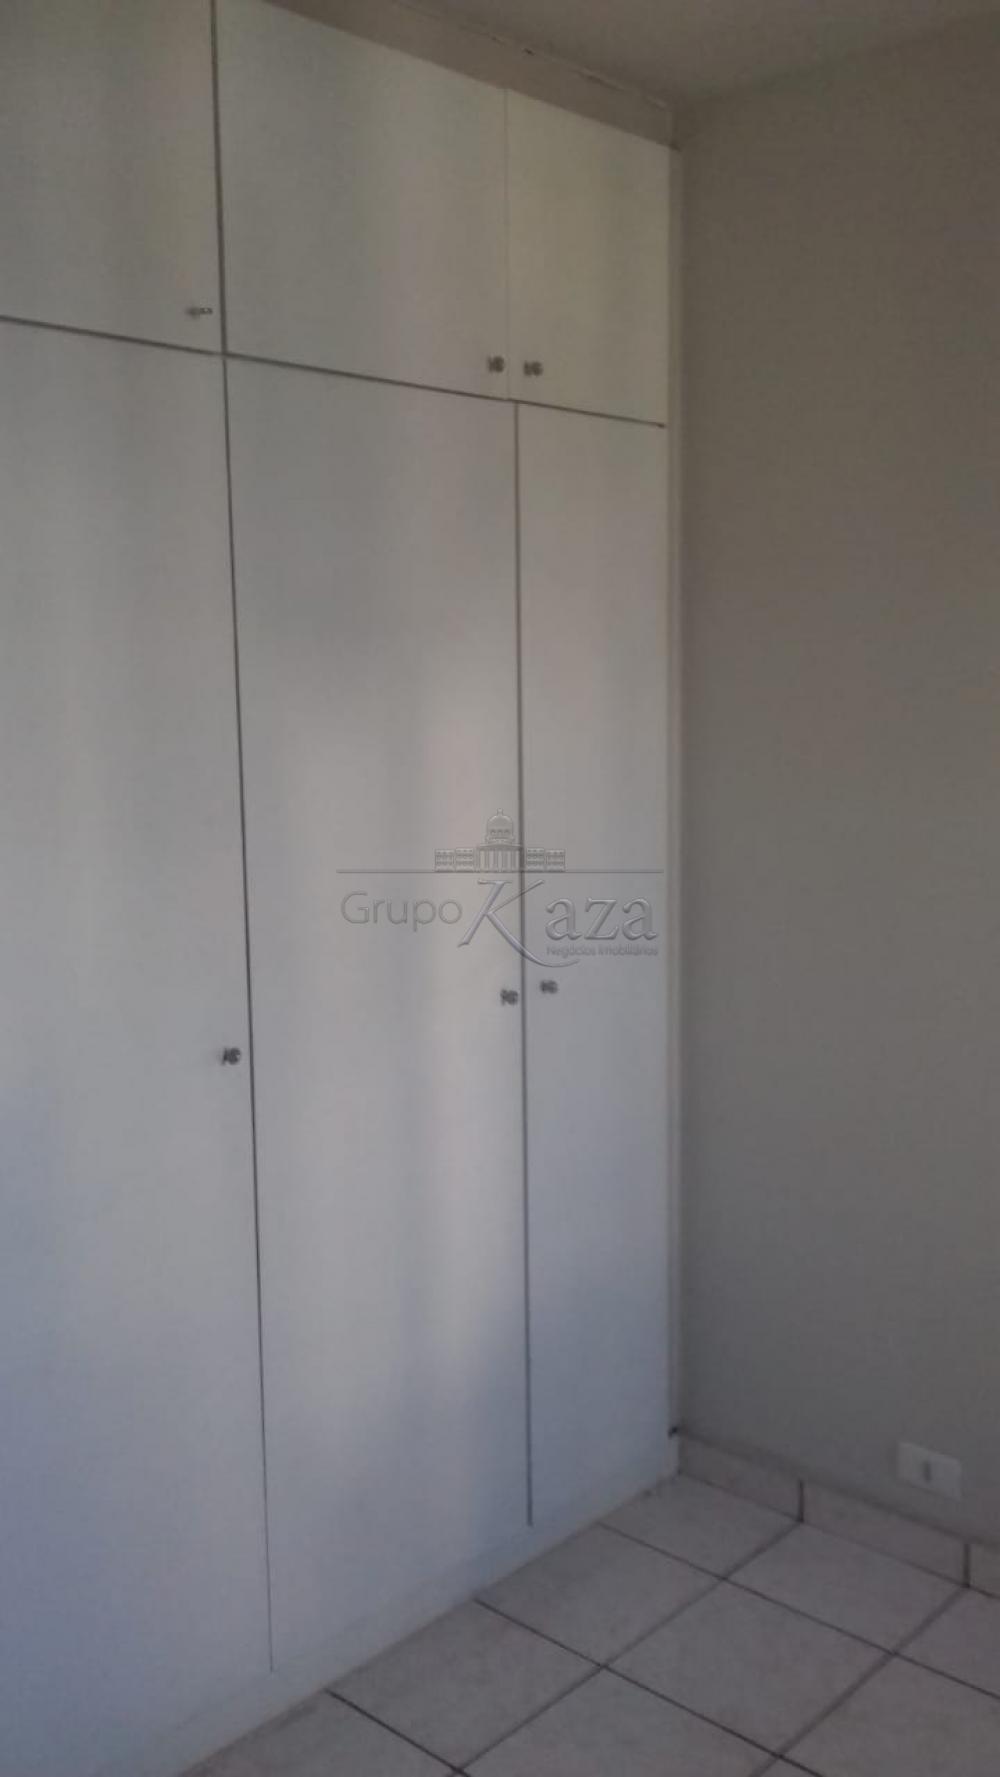 Alugar Apartamento / Padrão em São José dos Campos apenas R$ 1.000,00 - Foto 9